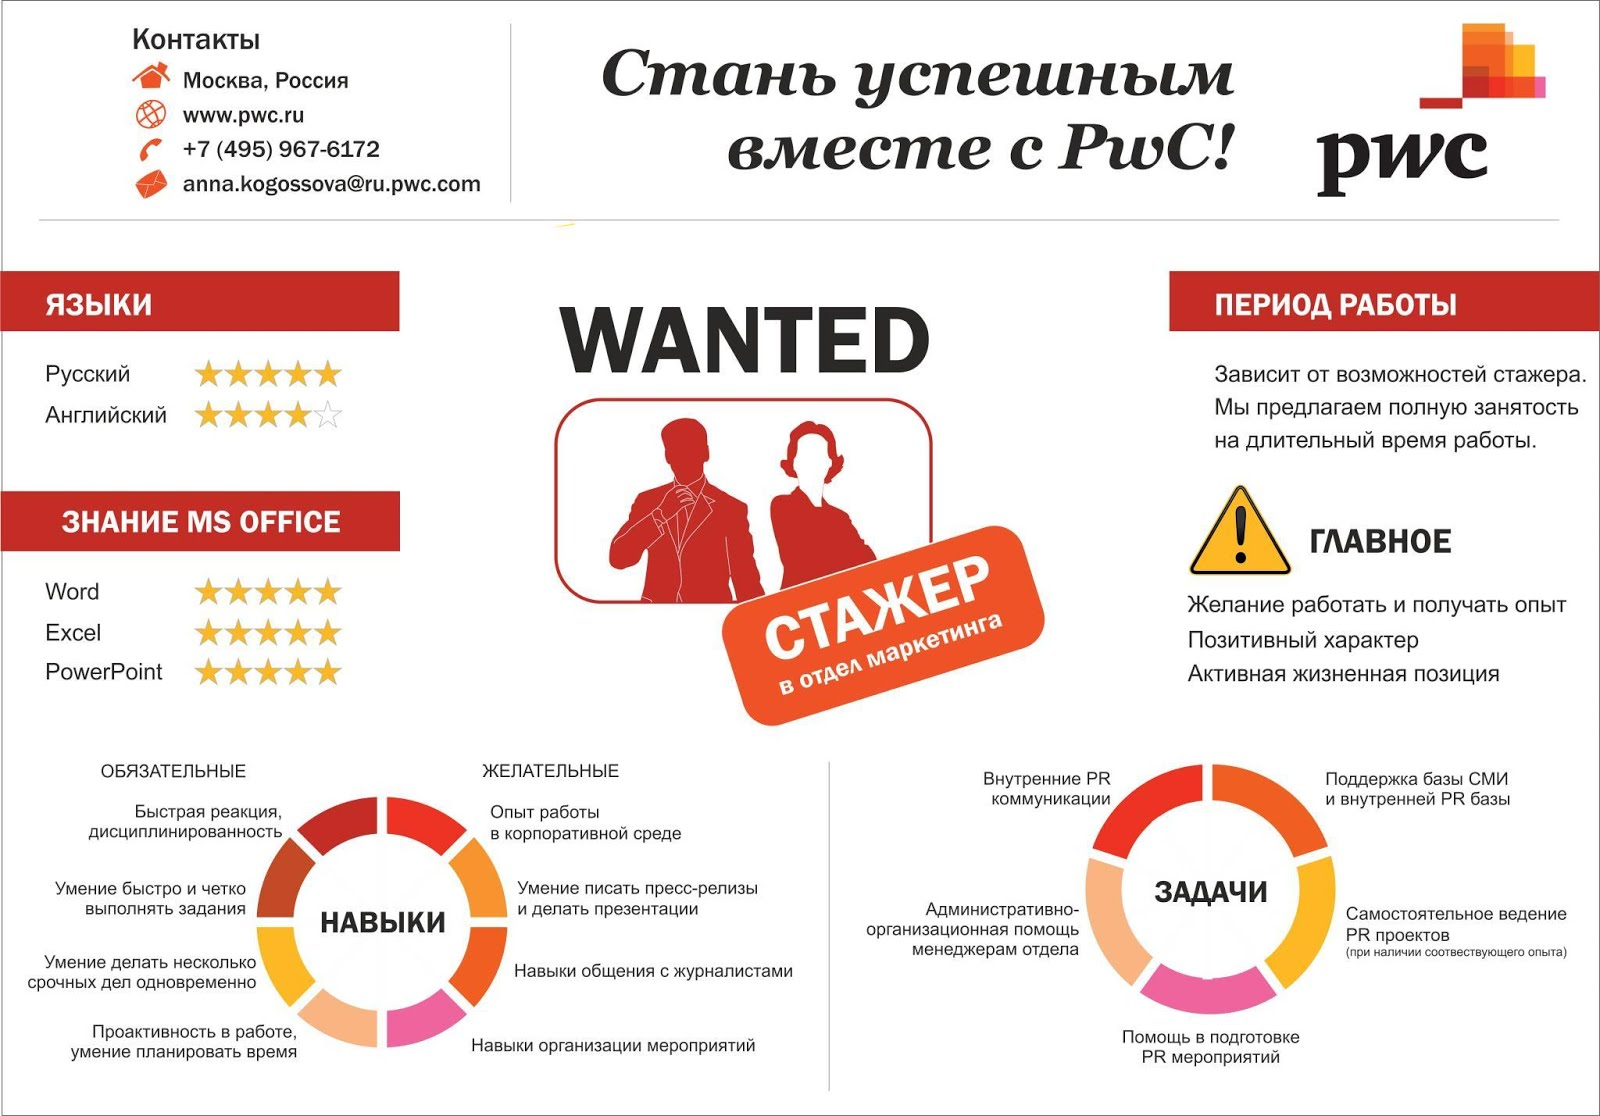 Разместить объявление о работе для стажеров и молодежи частные объявления в городе раменское